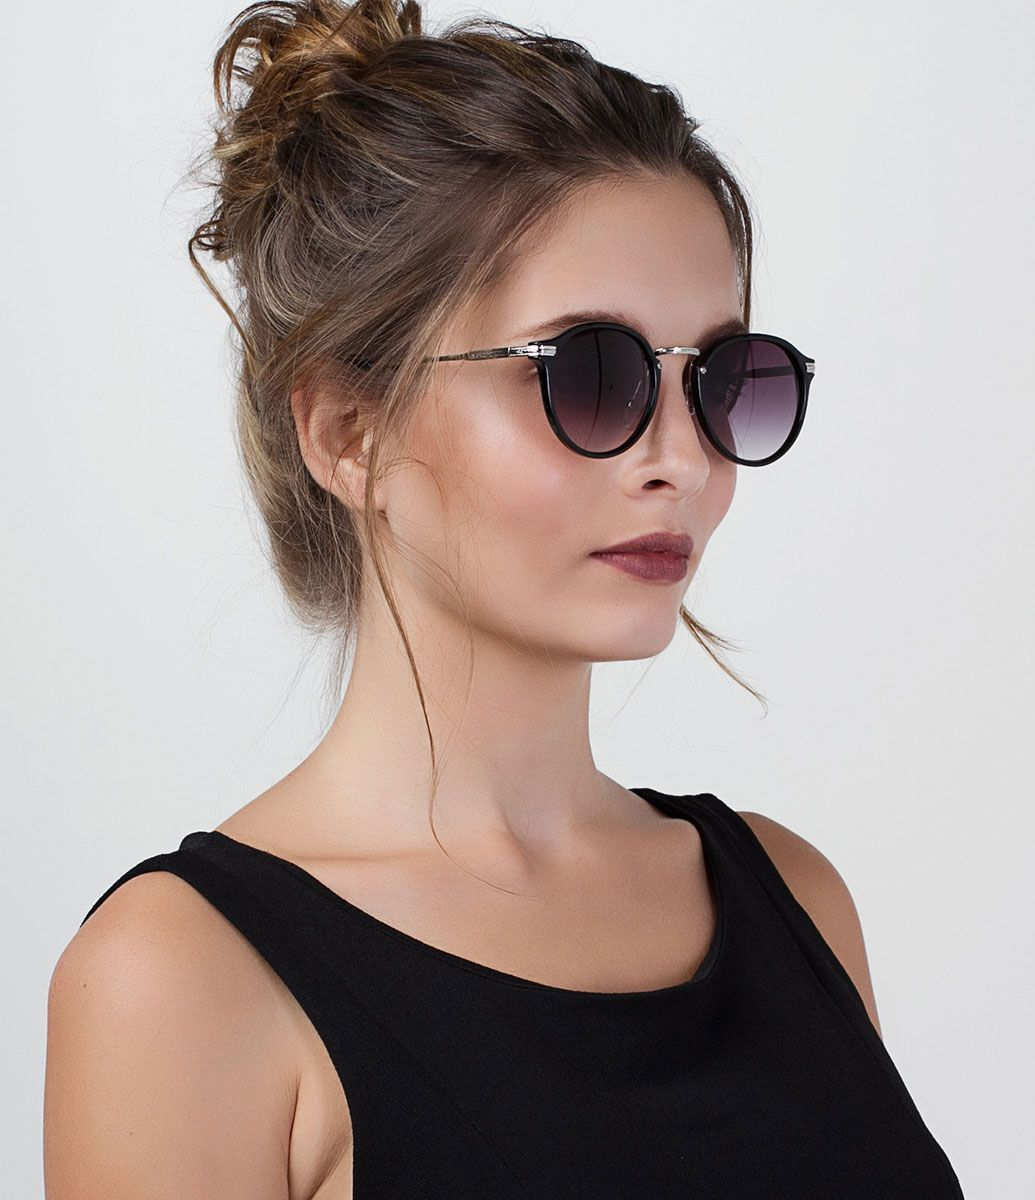 86051d72b0690 Óculos de sol Feminino Modelo redondo Hastes em metal Lentes em acrílico  Proteção contra raios UVA   UVB Acompanha um estojo e flanela de limpeza  Garantia ...